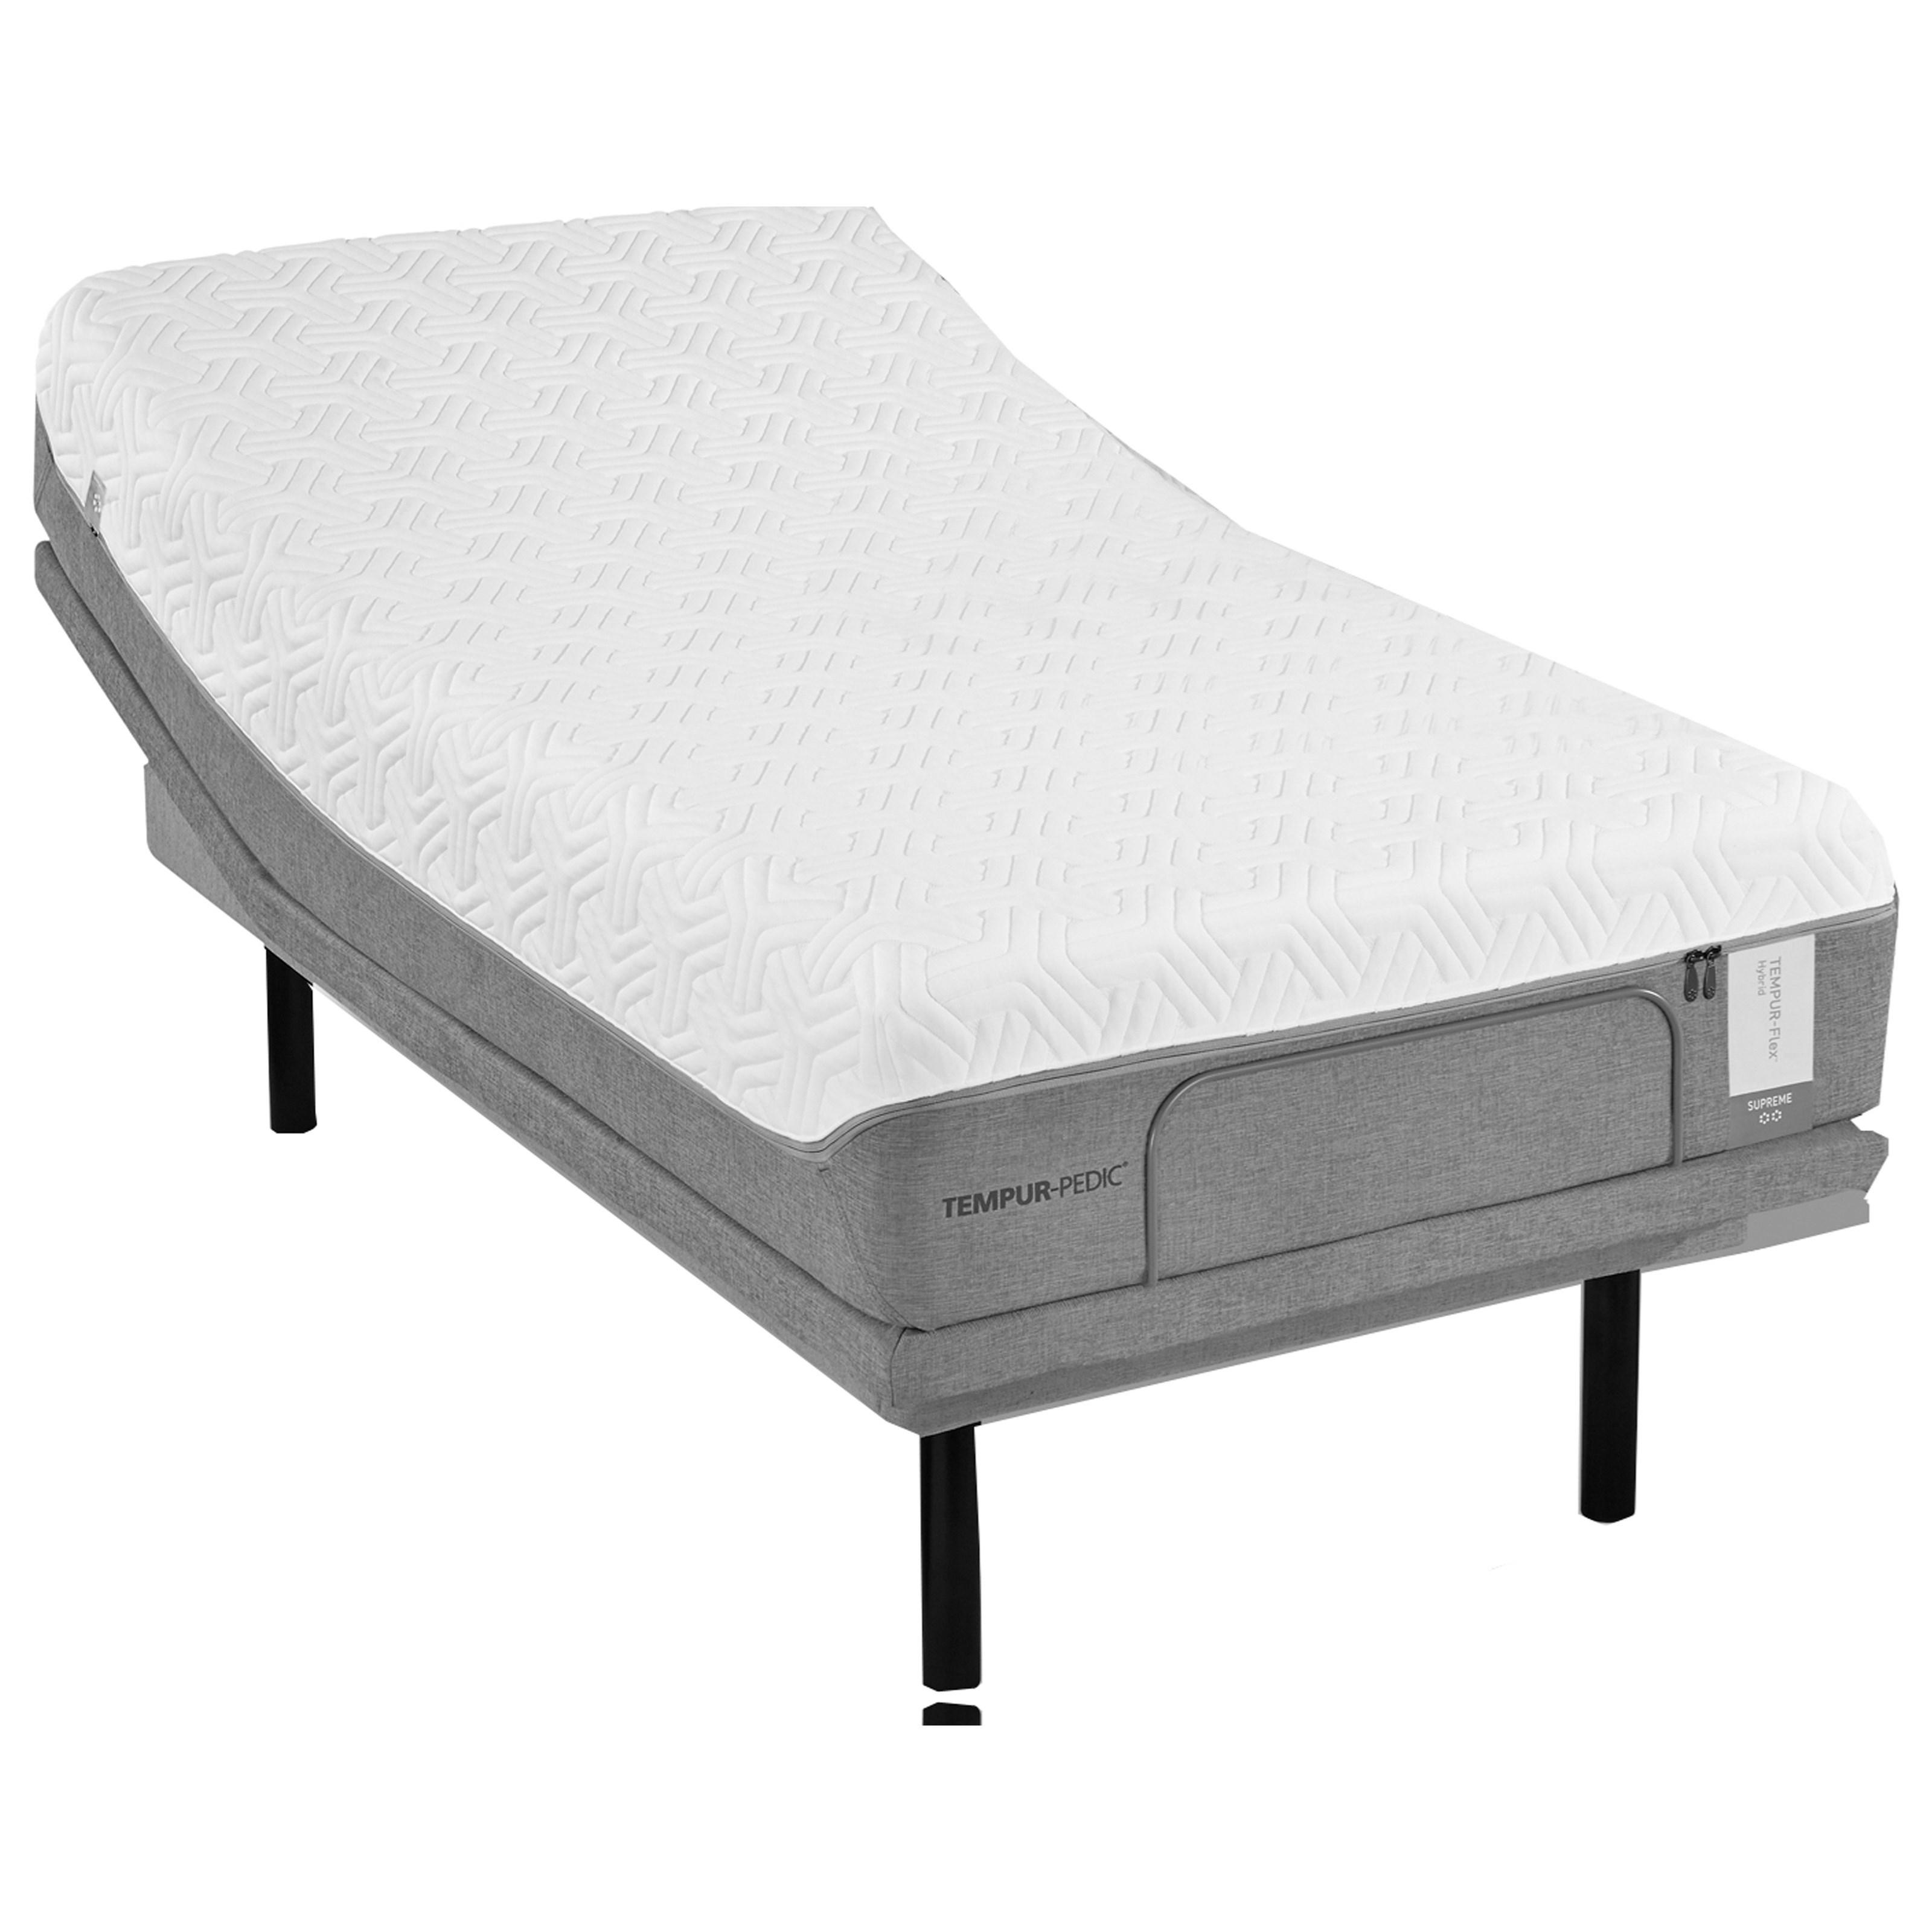 Tempur-Pedic® TEMPUR-Flex Elite Queen Medium Soft Plush Mattress Set - Item Number: 10117150+25289250